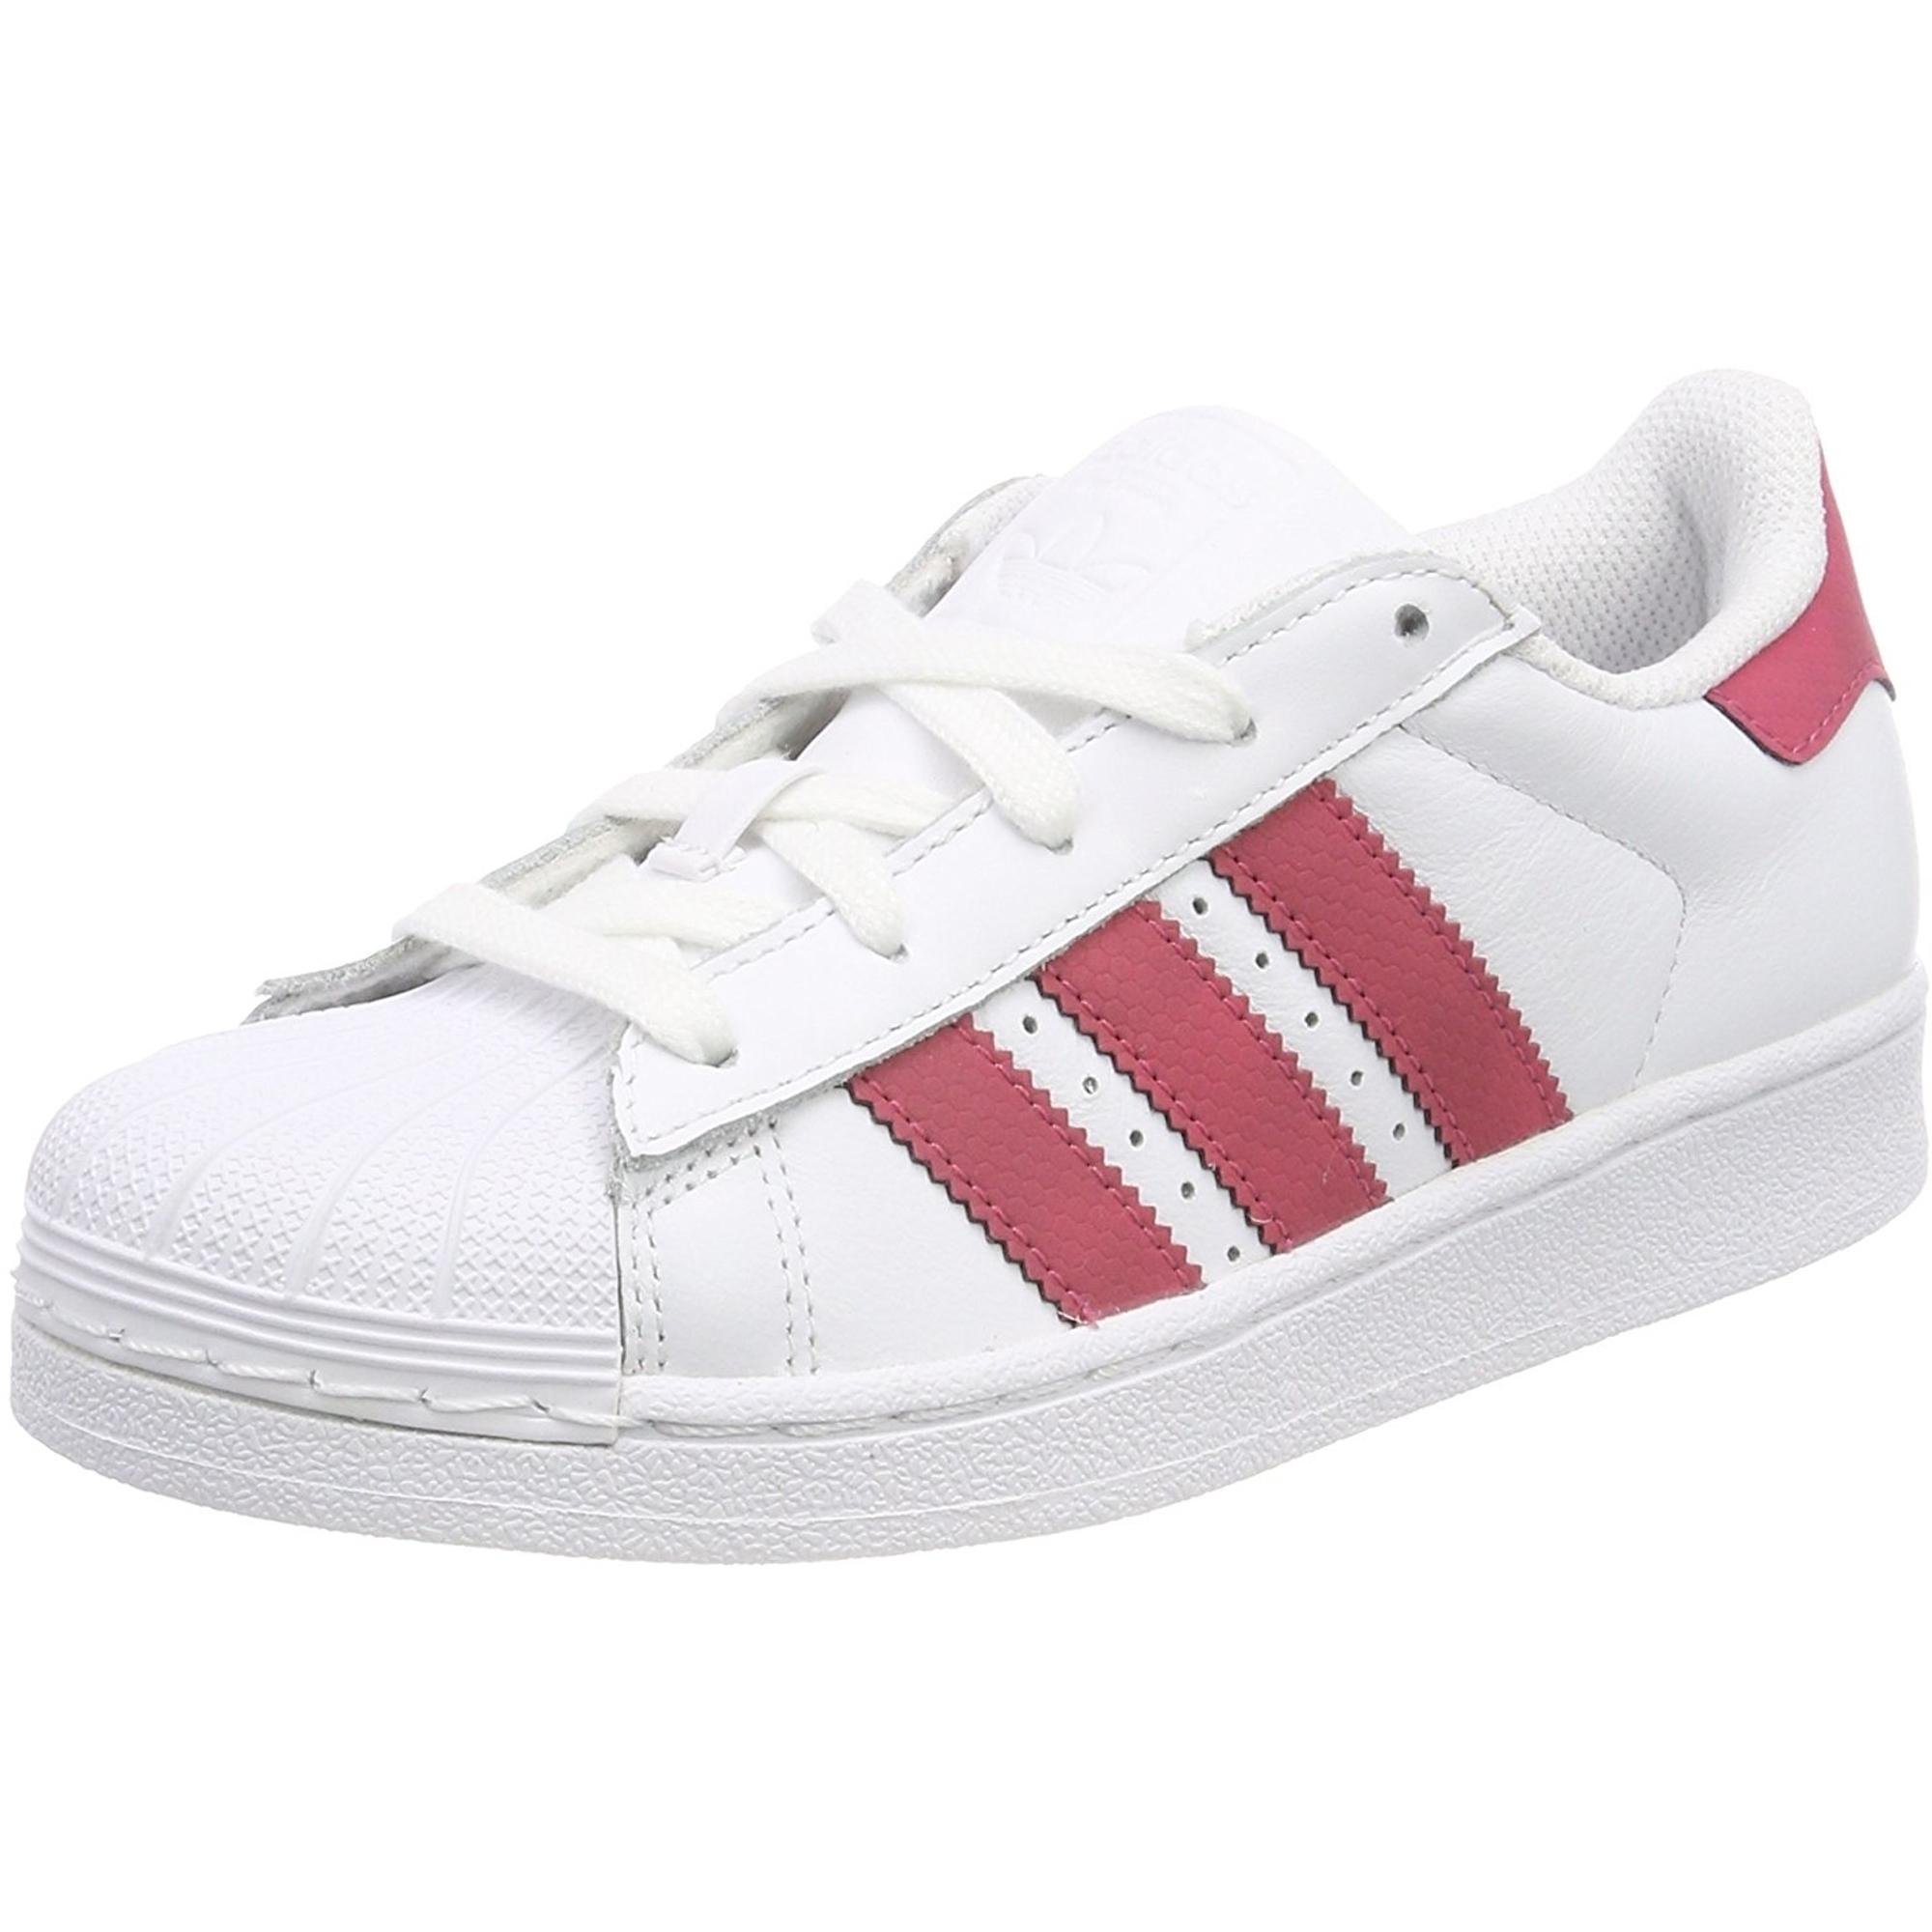 Adidas Superstar Foundation all White weiß Gr. 42 *reserviert*